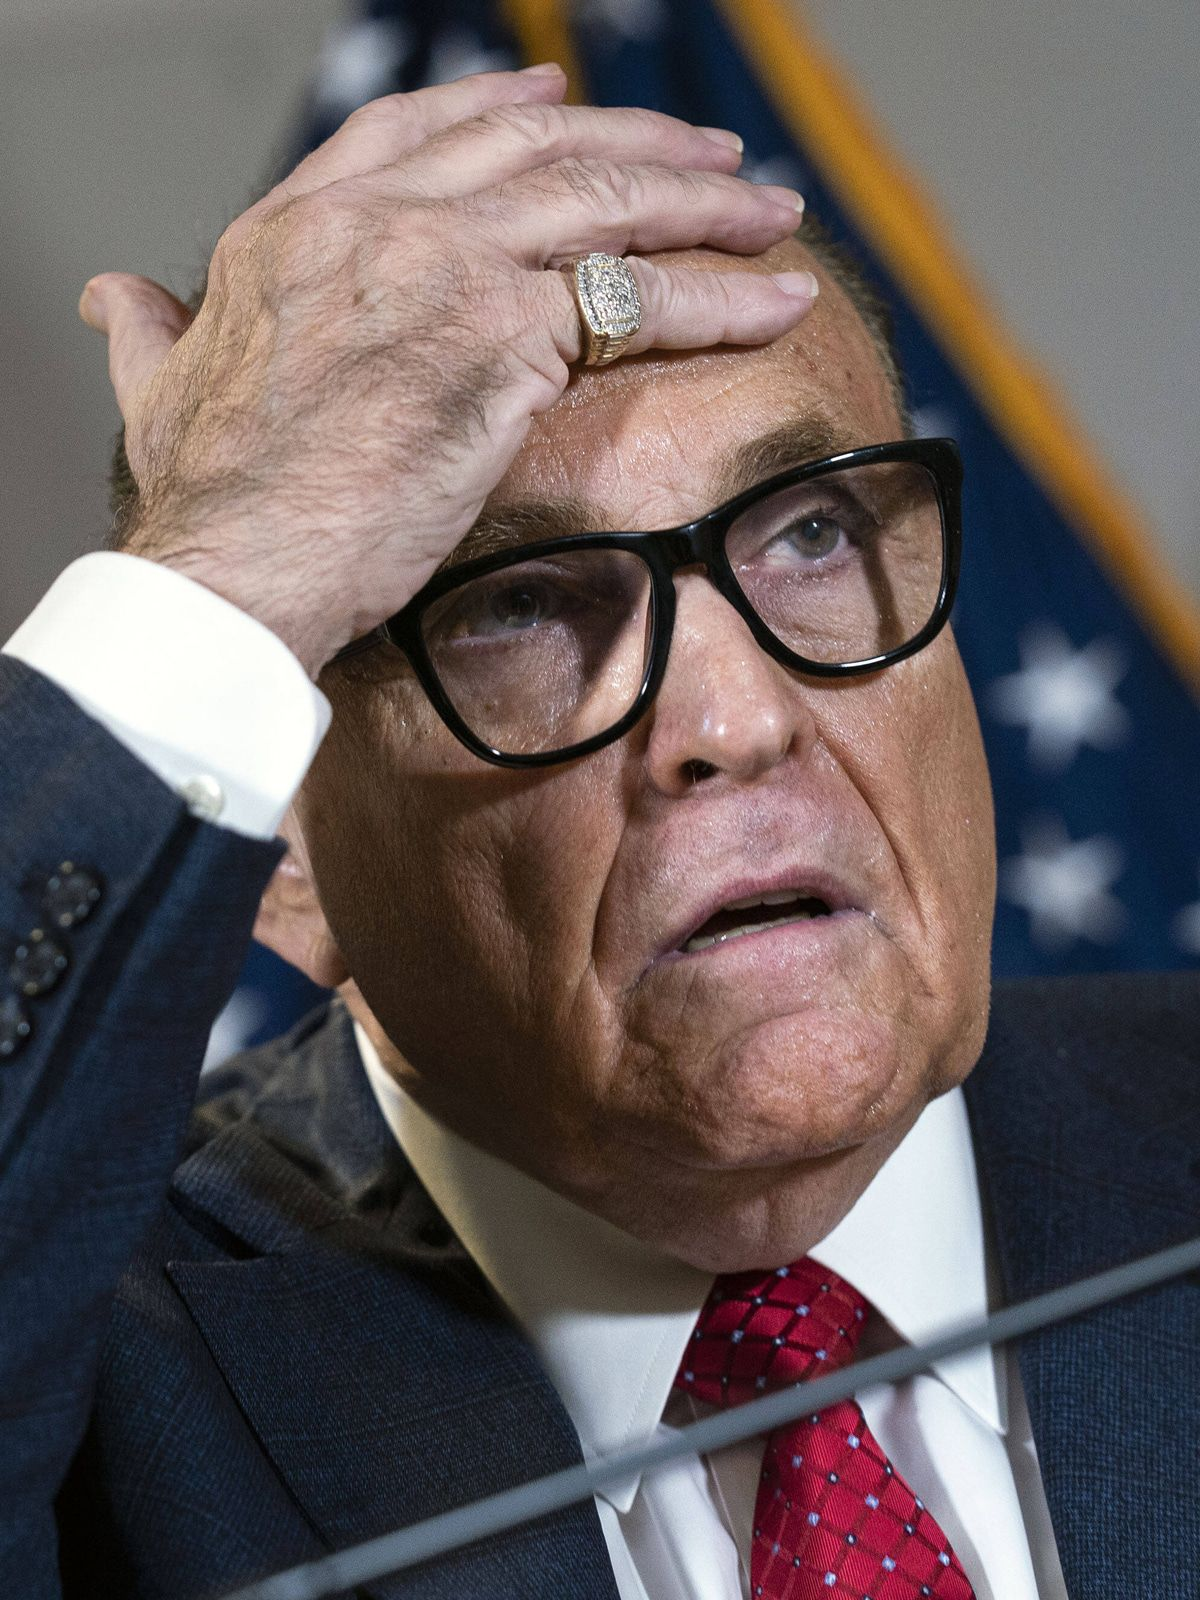 Rudy Giuliani schweißgebadet: Das Netz lacht sich schlapp über Trumps Top-Anwalt